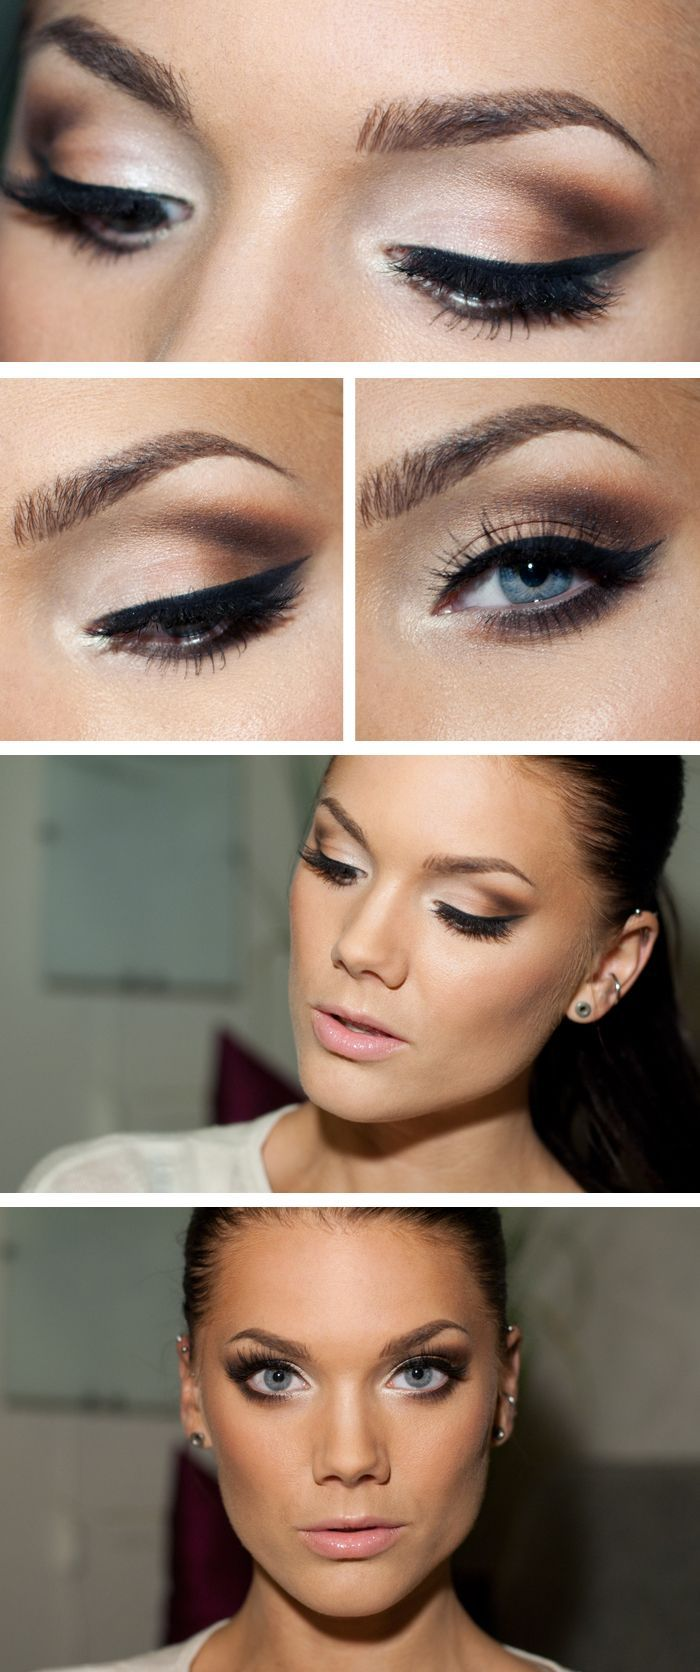 Makeup with light pink dress  nude smokey eye  Beauty  Pinterest  Linda hallberg Nude and Eye